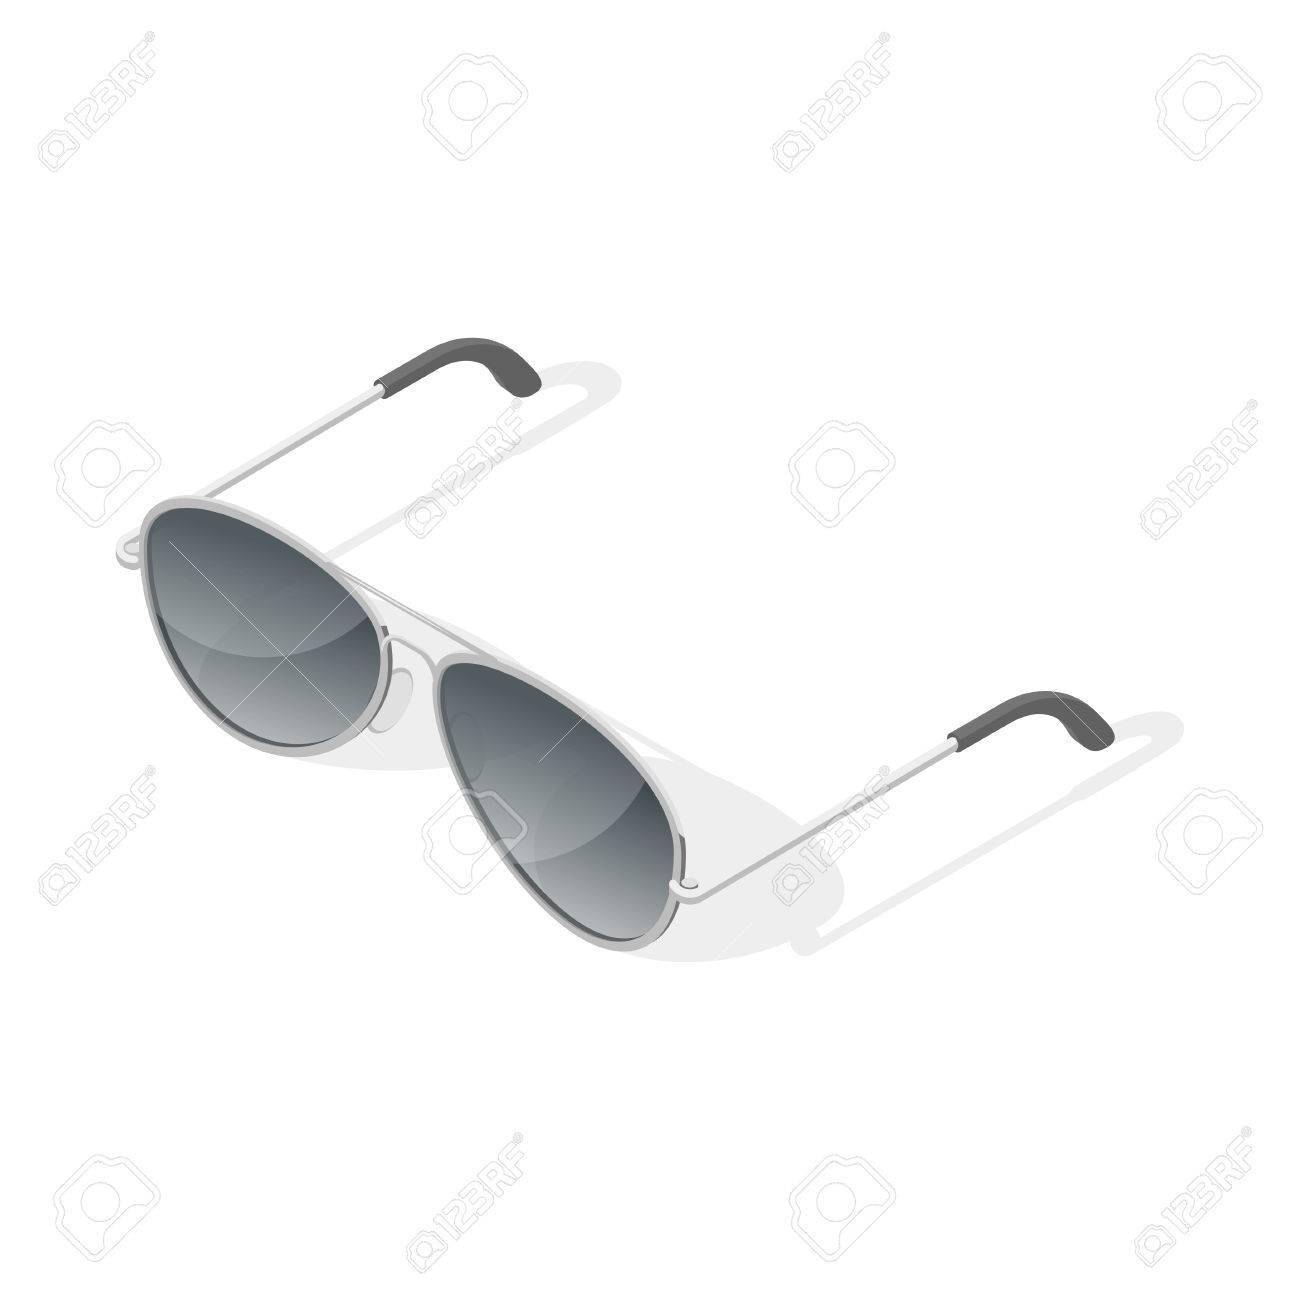 Banque d images - Illustration vectorielle isométrique 3d de lunettes  aviateur. Isolé sur fond blanc 2dbc26725066